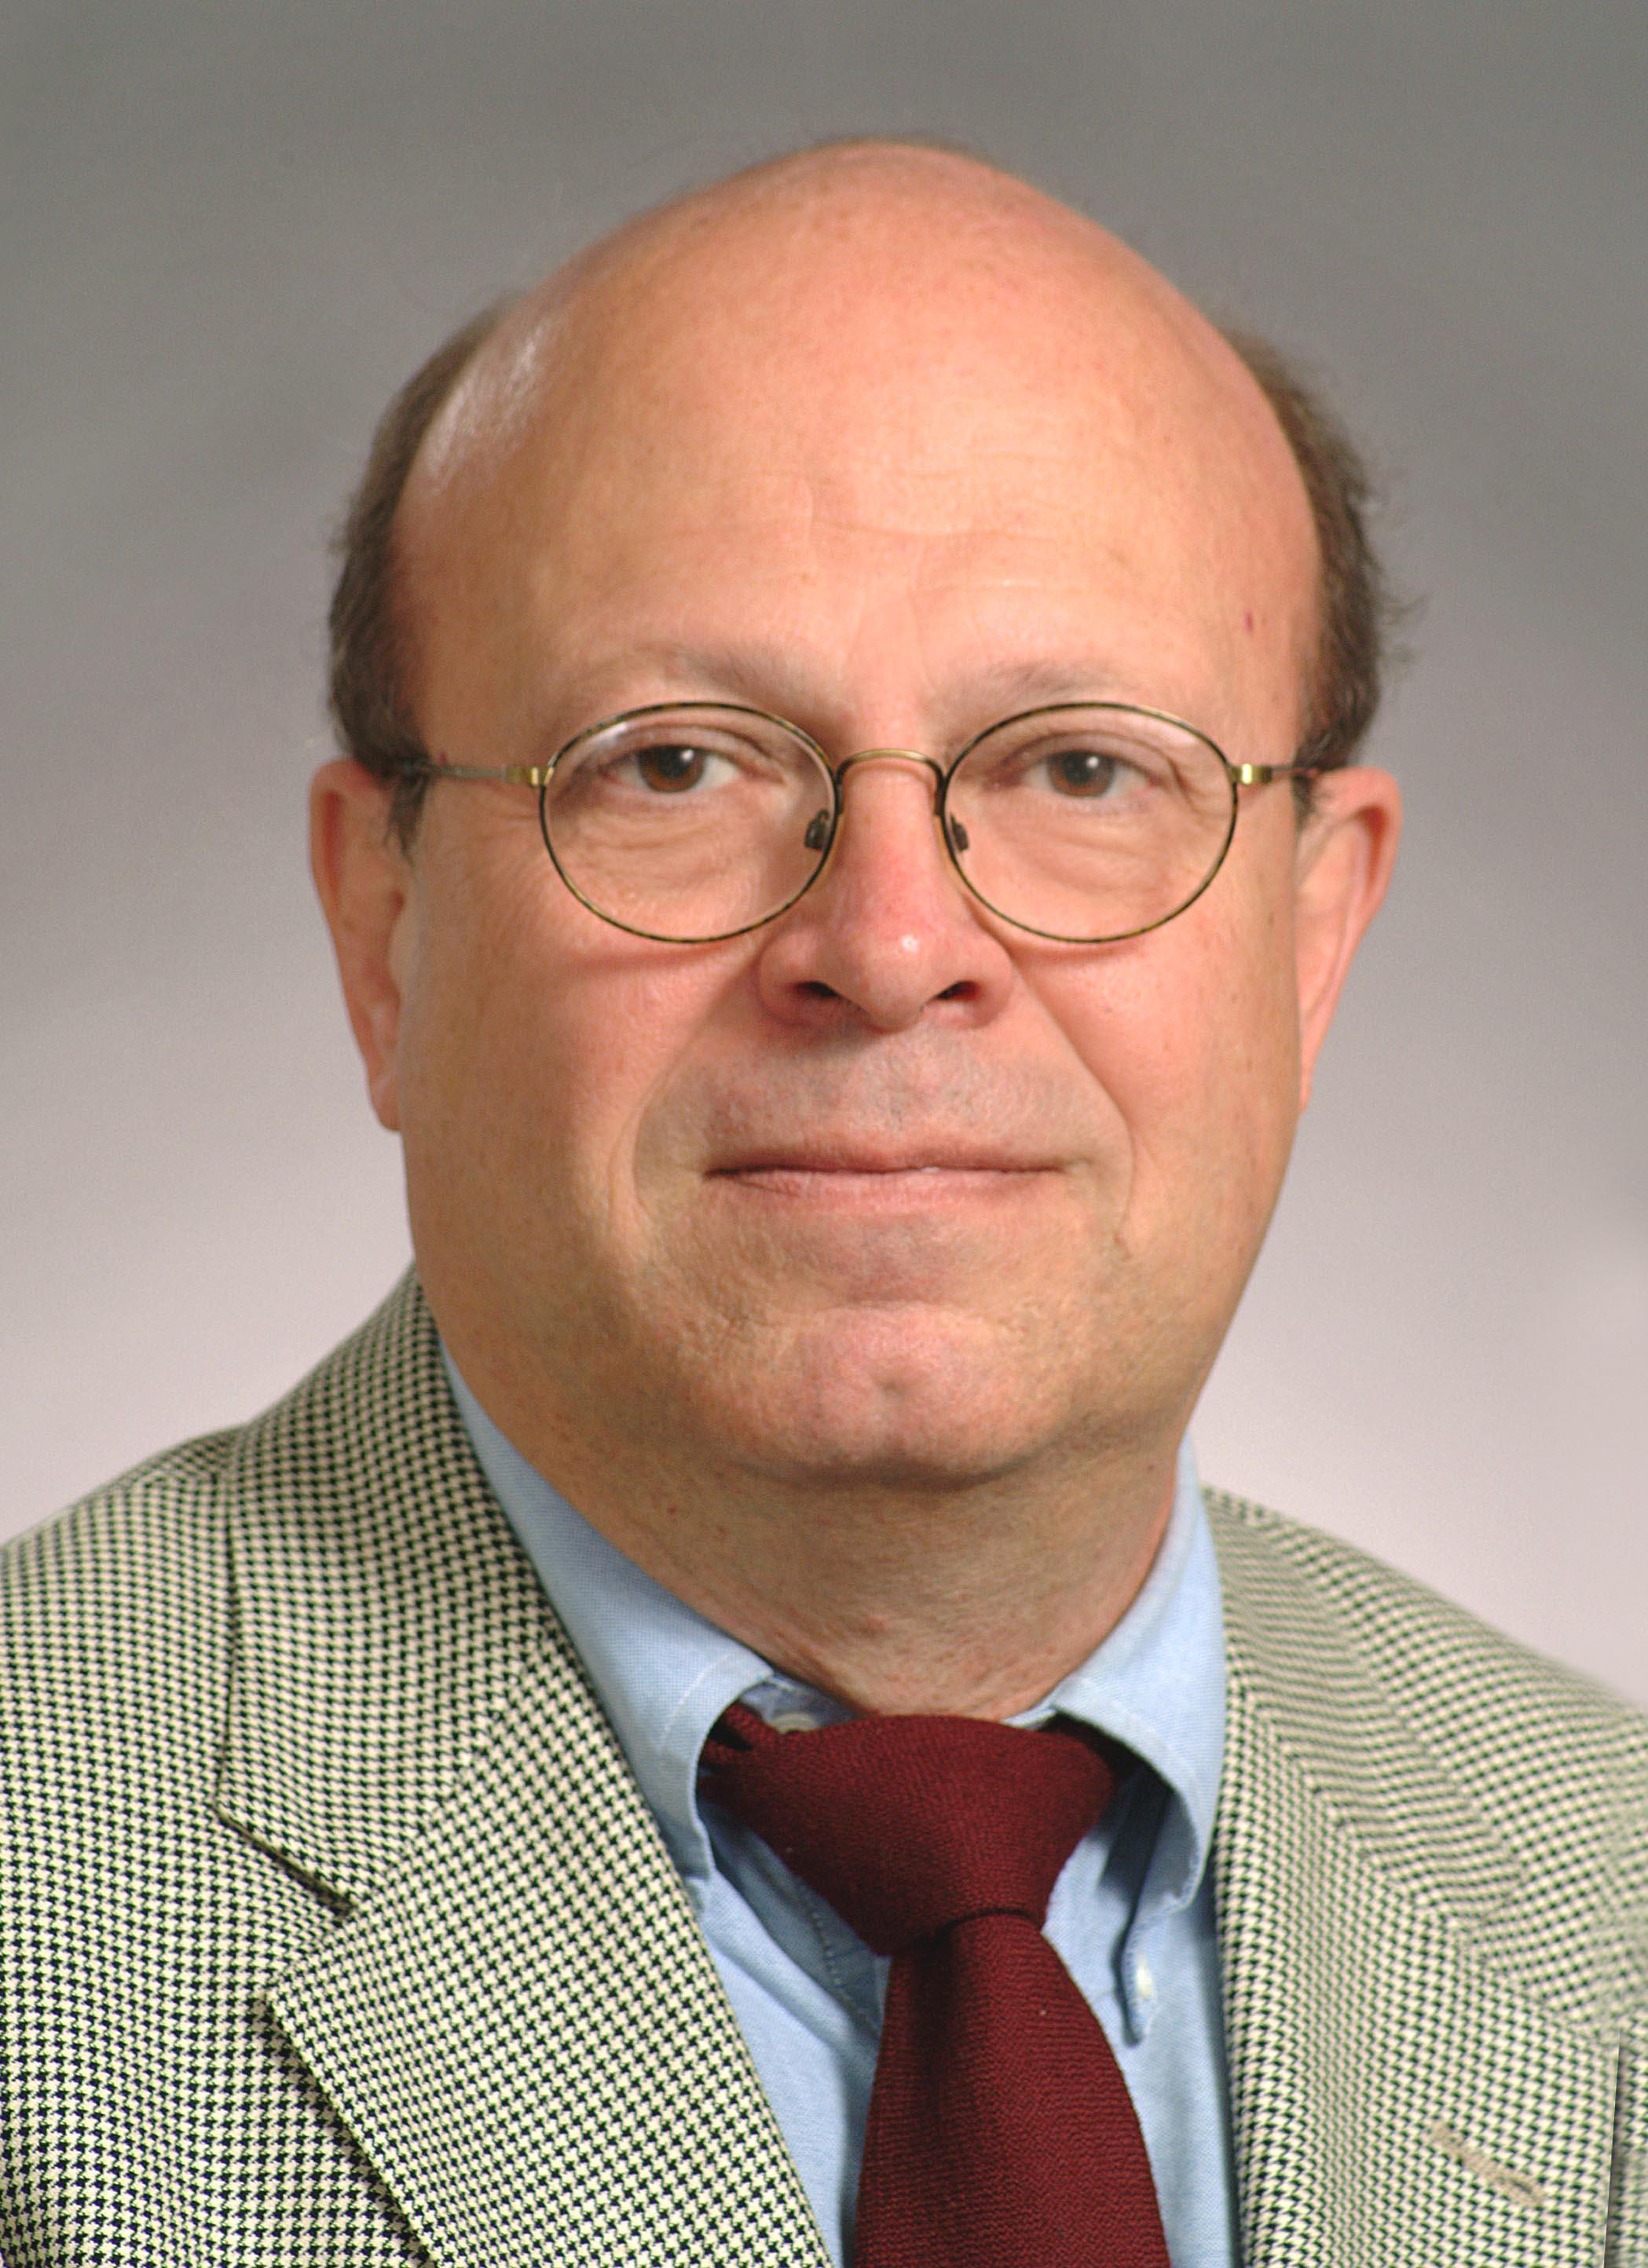 Thomas L. Crisman